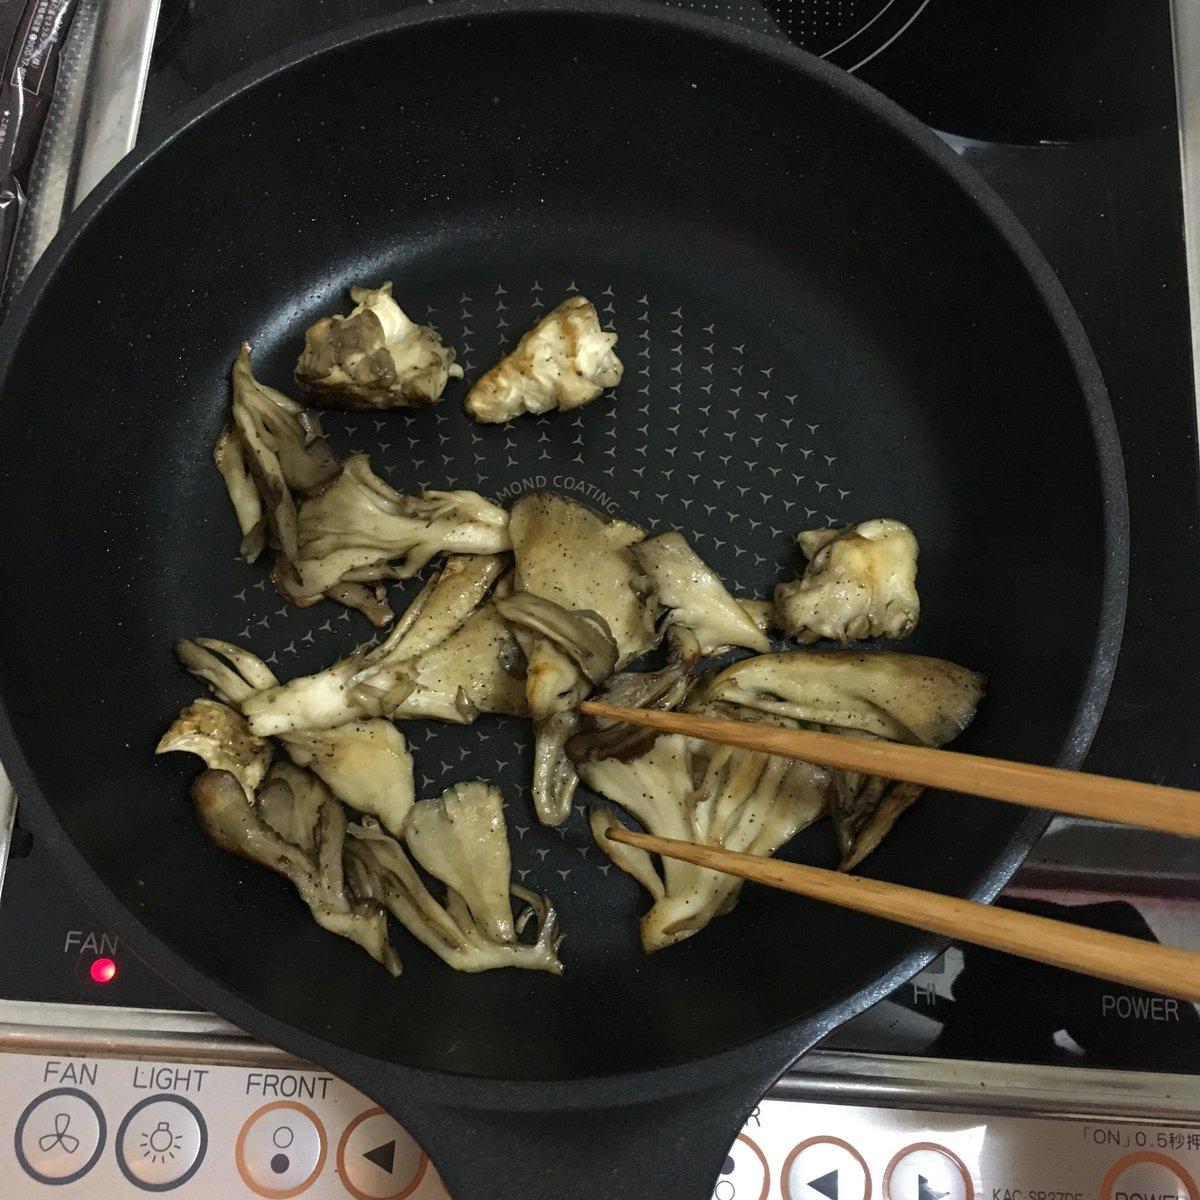 自炊一切しないタイプなのに、舞茸買って焼いてみたよ(笑) 味付け濃過ぎたけど、非...